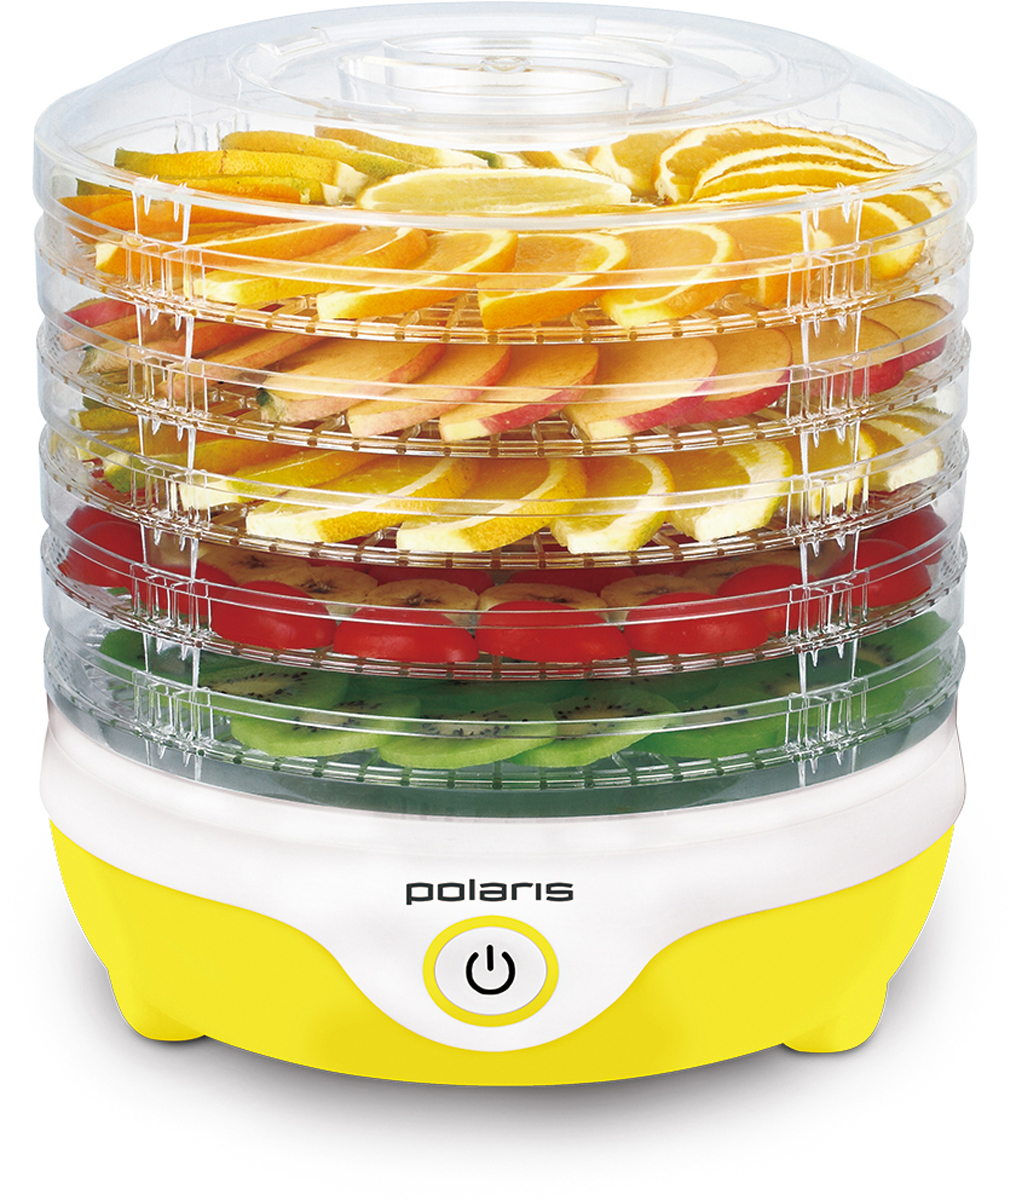 Polaris PFD 2405D сушилка для овощей и фруктов8481Polaris PFD 0705 - современная электронная сушилка для овощей и фруктов, с помощью которой можно быстро сделать заготовки на зиму. Больше не придется создавать специальные условия для заготовки сухофруктов и неделями ждать, пока они хорошо просушатся. Высота поддона - 3,5 см.Электронная сушилка для овощей экономит ваше время и позволяет при этом получить более качественный продукт. С ее помощью вы сможете создать уникальные условия сушки для каждого отдельного фрукта или овоща. В итоге получаются качественные сухофрукты, которые сохраняют все свои полезные и питательные вещества.Сушилка имеет стильный дизайн и отлично впишется в интерьер любой кухни. Кроме того, ее можно разобрать и сложить в любое место.